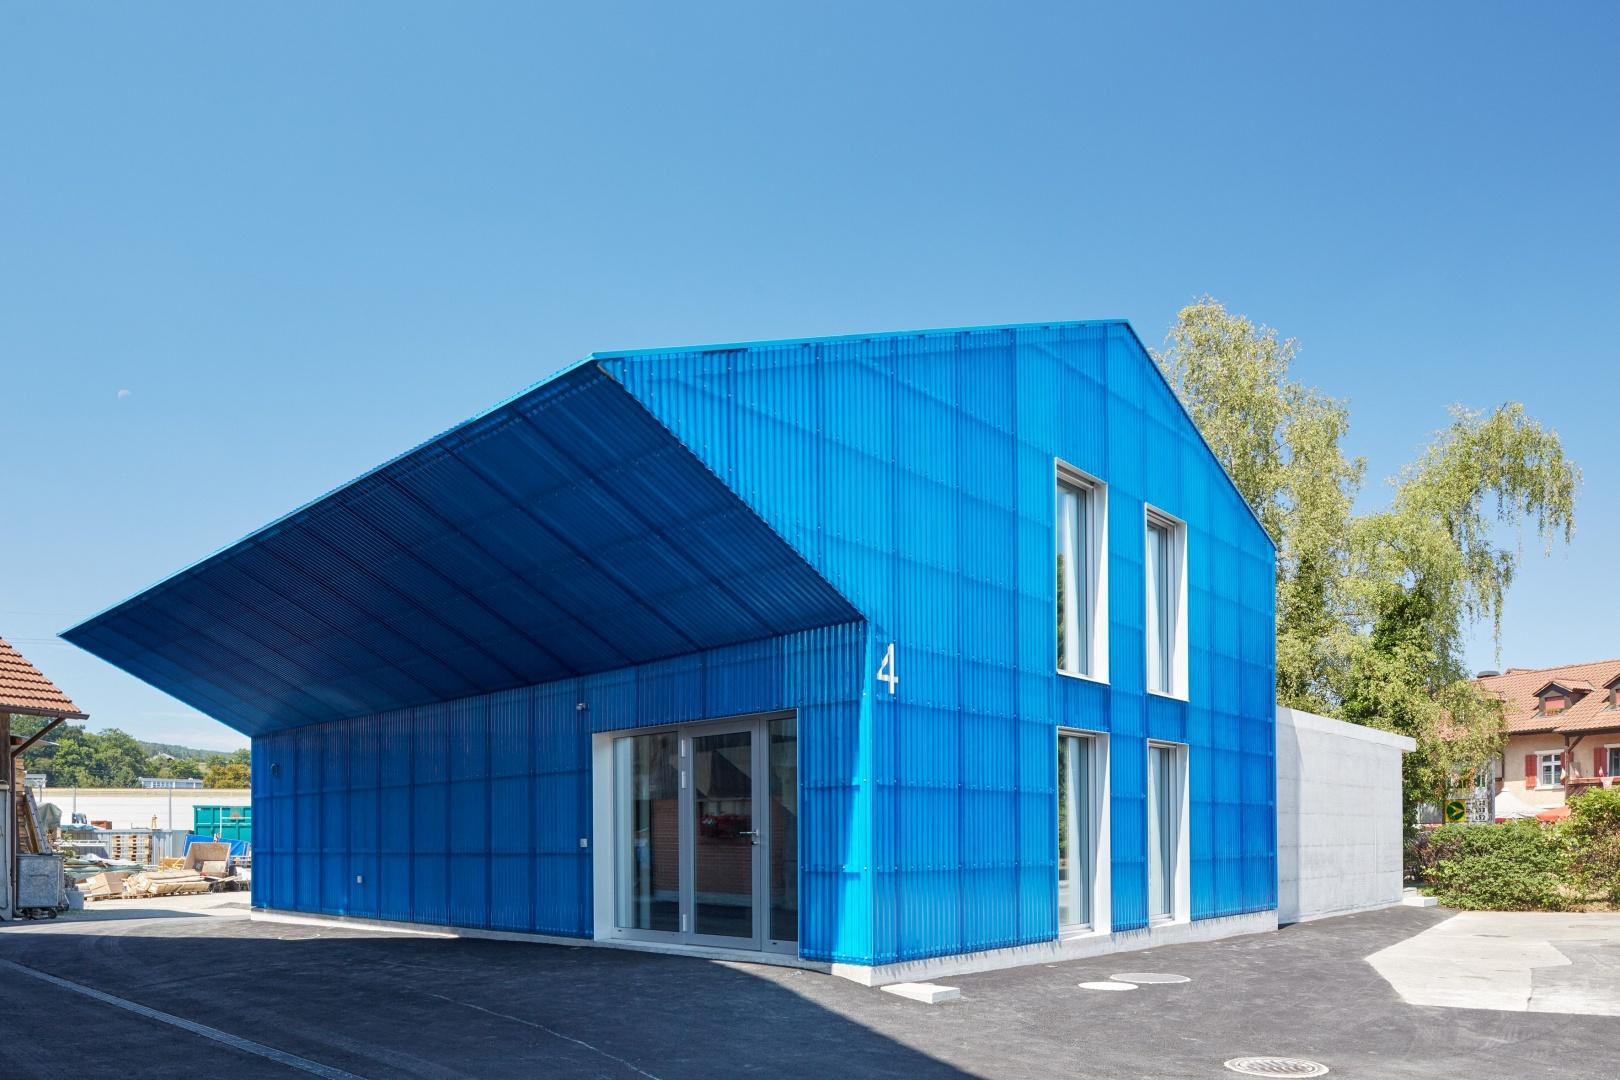 Umbau Scheune zu Büro- und Gewerbegebäude © Fotowerk